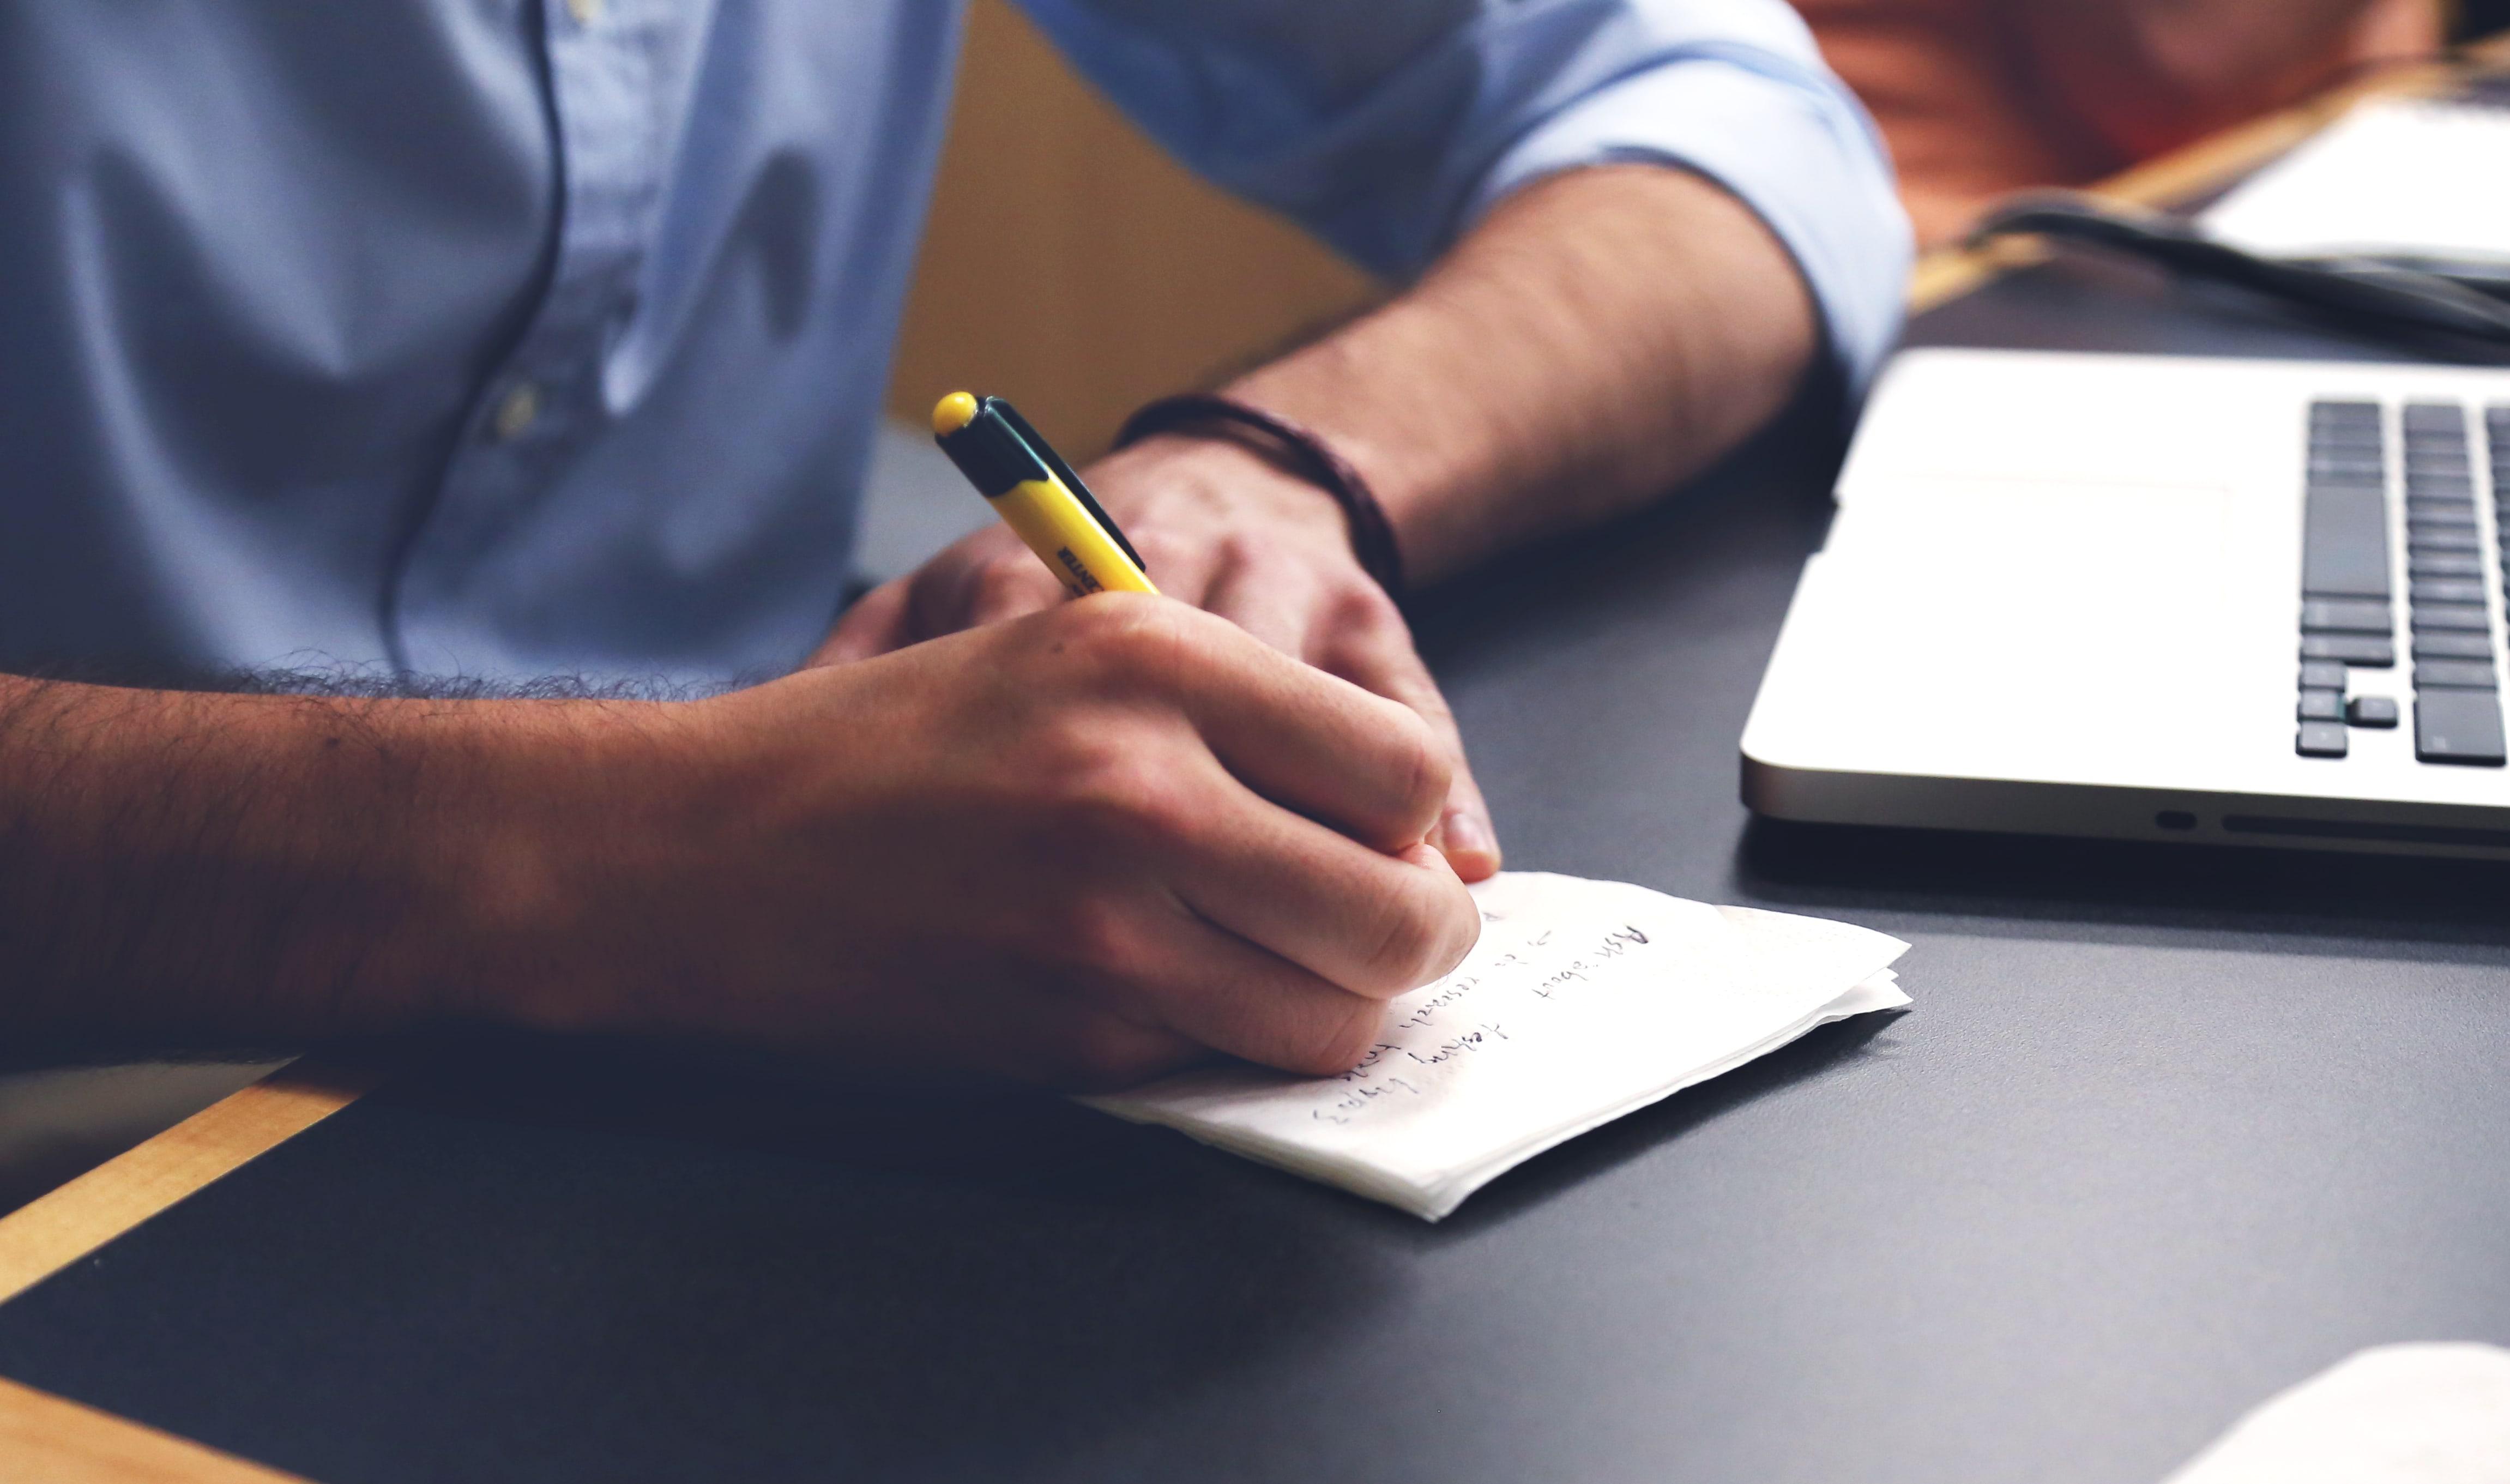 未経験からプログラマーに応募する時の履歴書の書き方を紹介